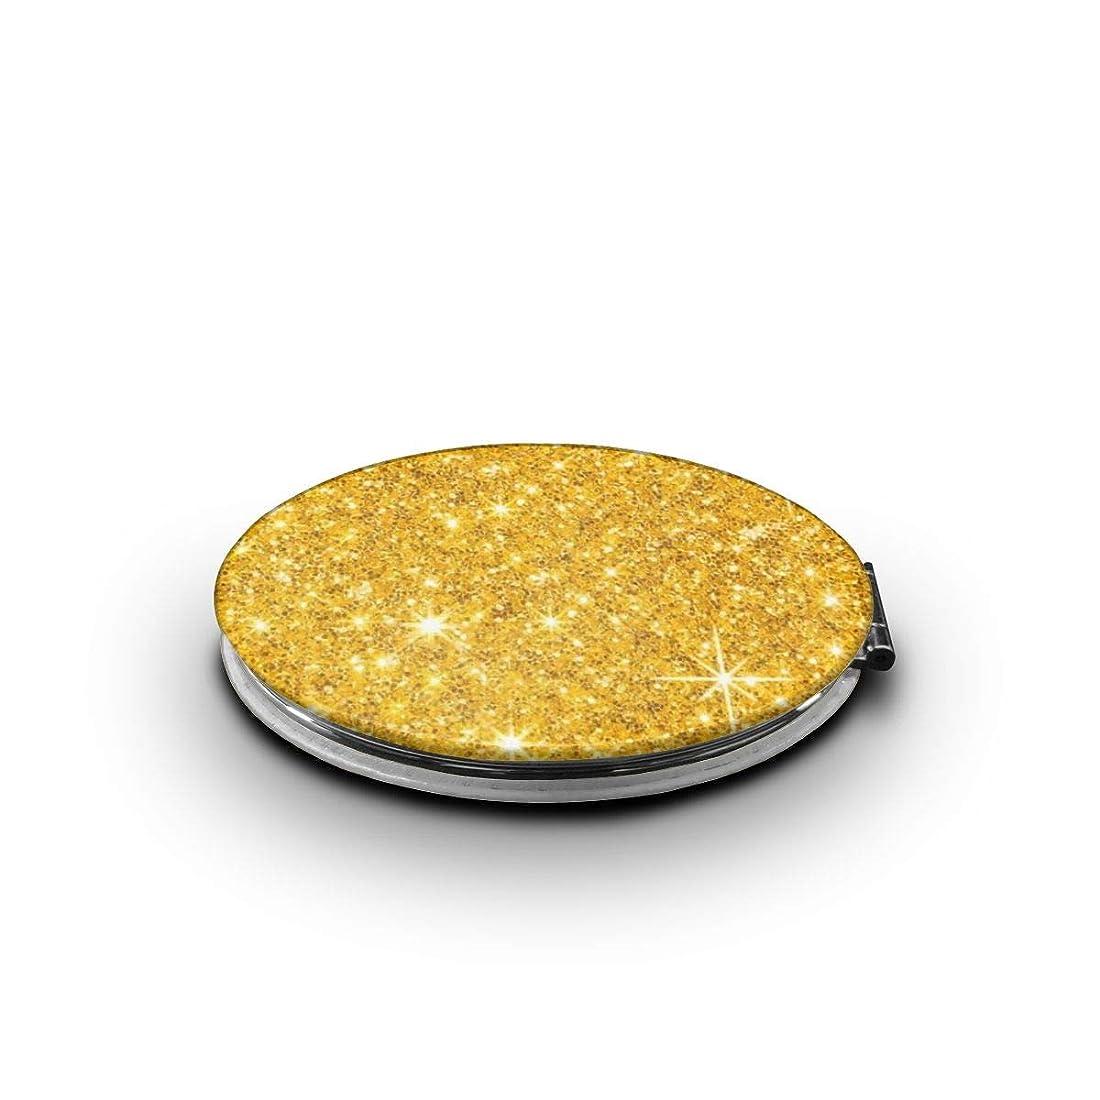 ソーダ水ポインタサイレン携帯ミラー ゴールド 金 輝きミニ化粧鏡 化粧鏡 3倍拡大鏡+等倍鏡 両面化粧鏡 楕円形 携帯型 折り畳み式 コンパクト鏡 外出に 持ち運び便利 超軽量 おしゃれ 9.0X6.6CM